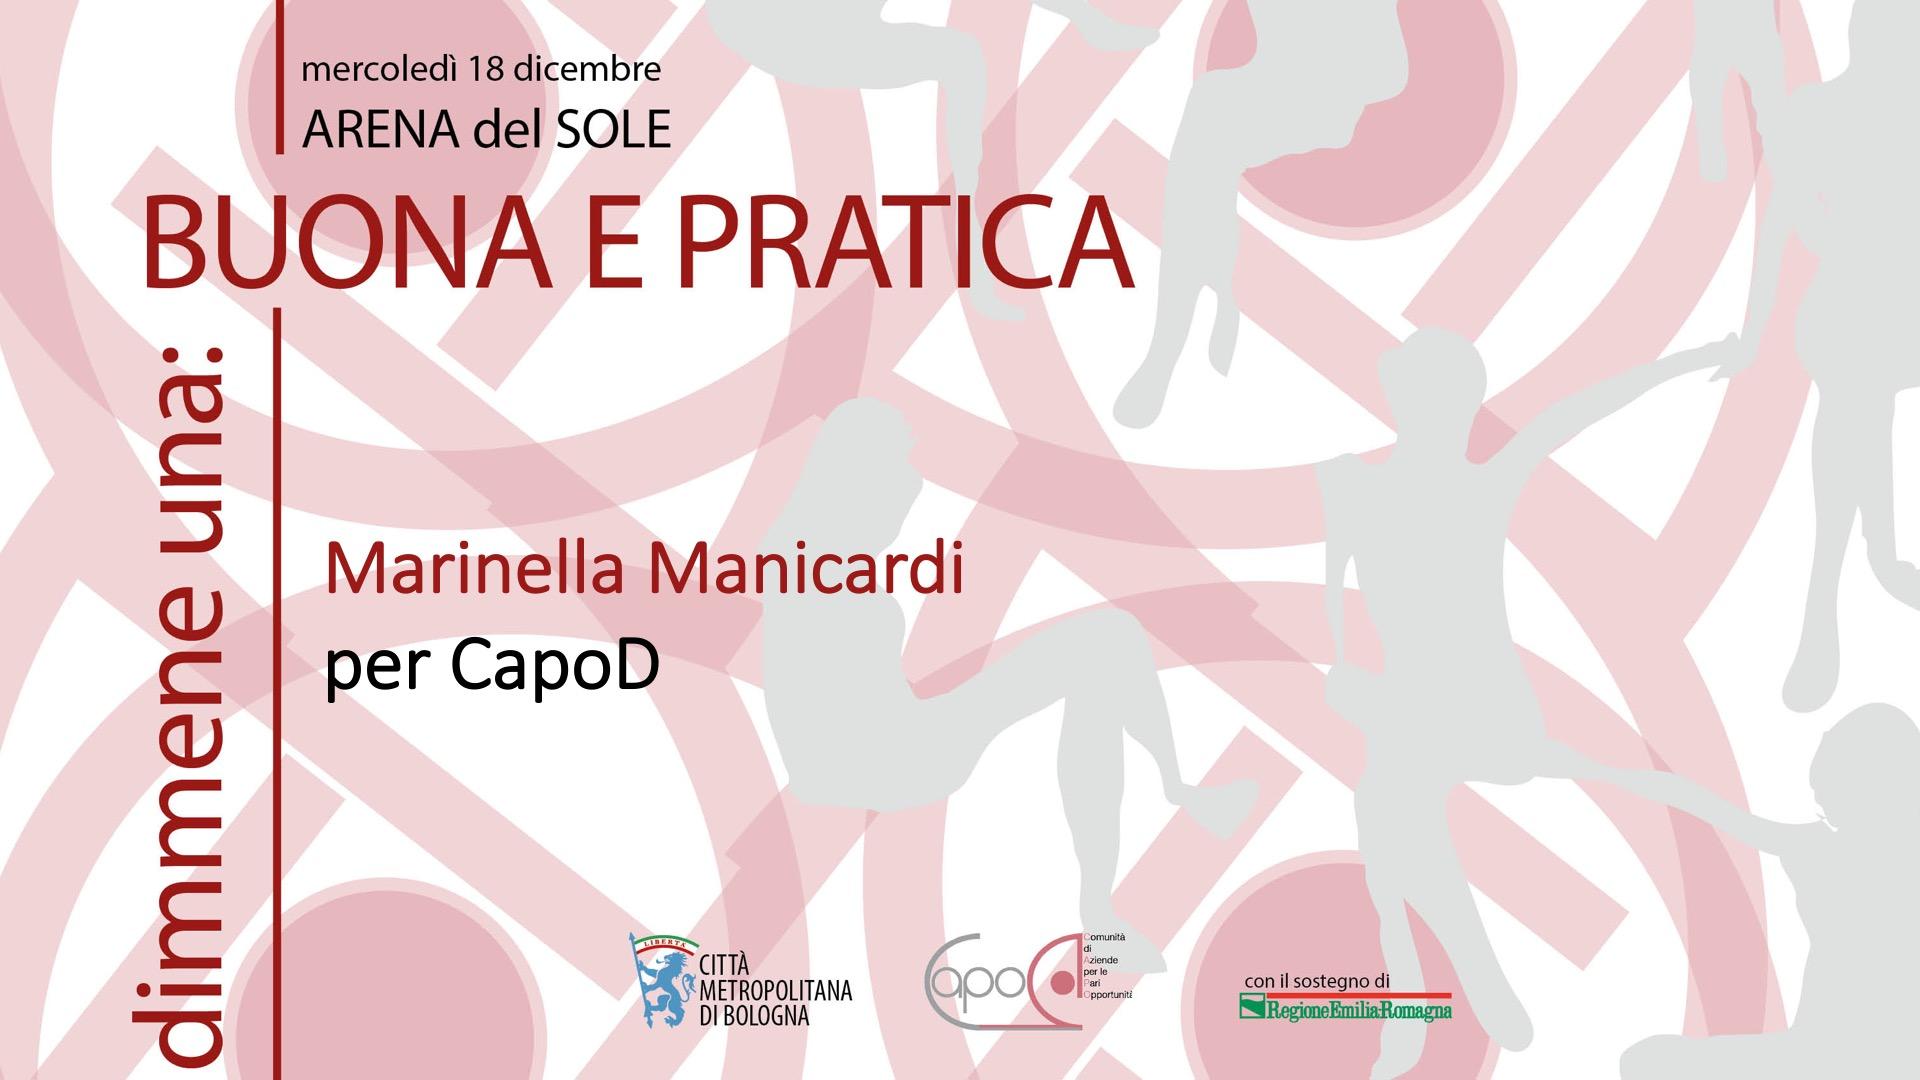 Monologo di Marinella Manicardi